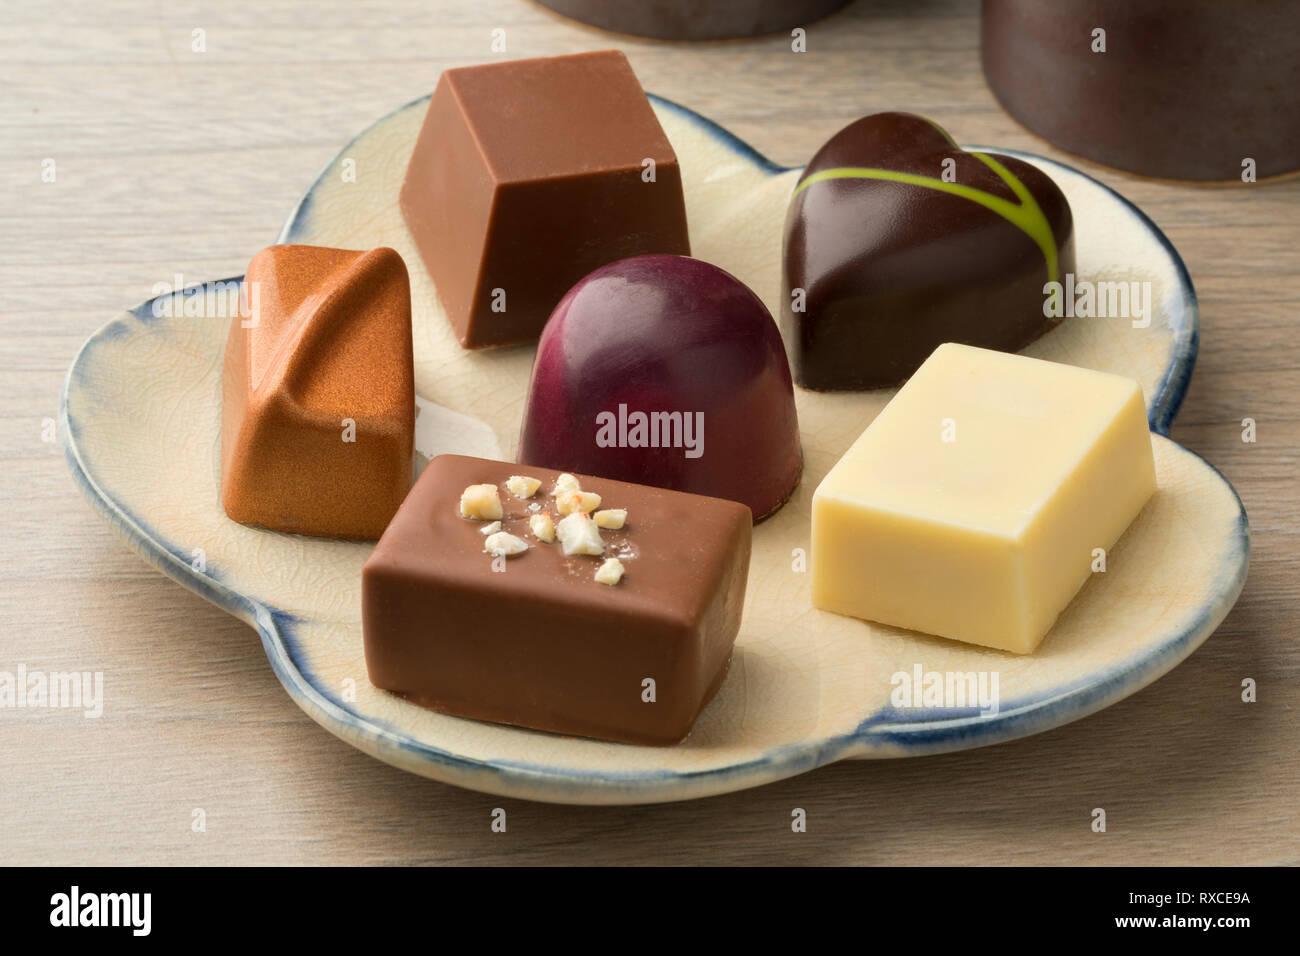 Teller mit sortierten Schokolade Bonbons zum Nachtisch Stockbild